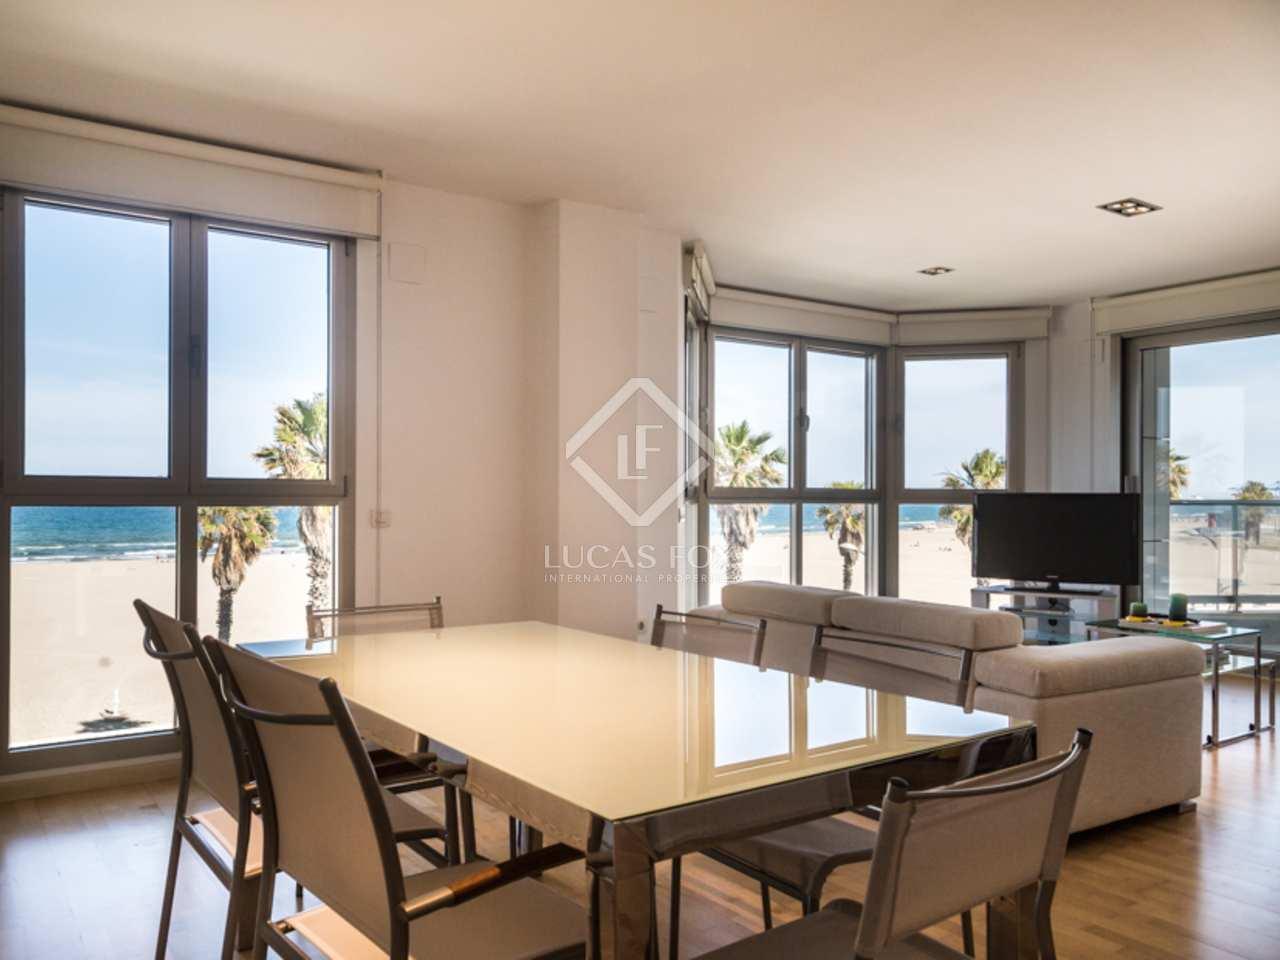 Apartamento en alquiler en playa de la patacona valencia - Apartamento valencia alquiler ...